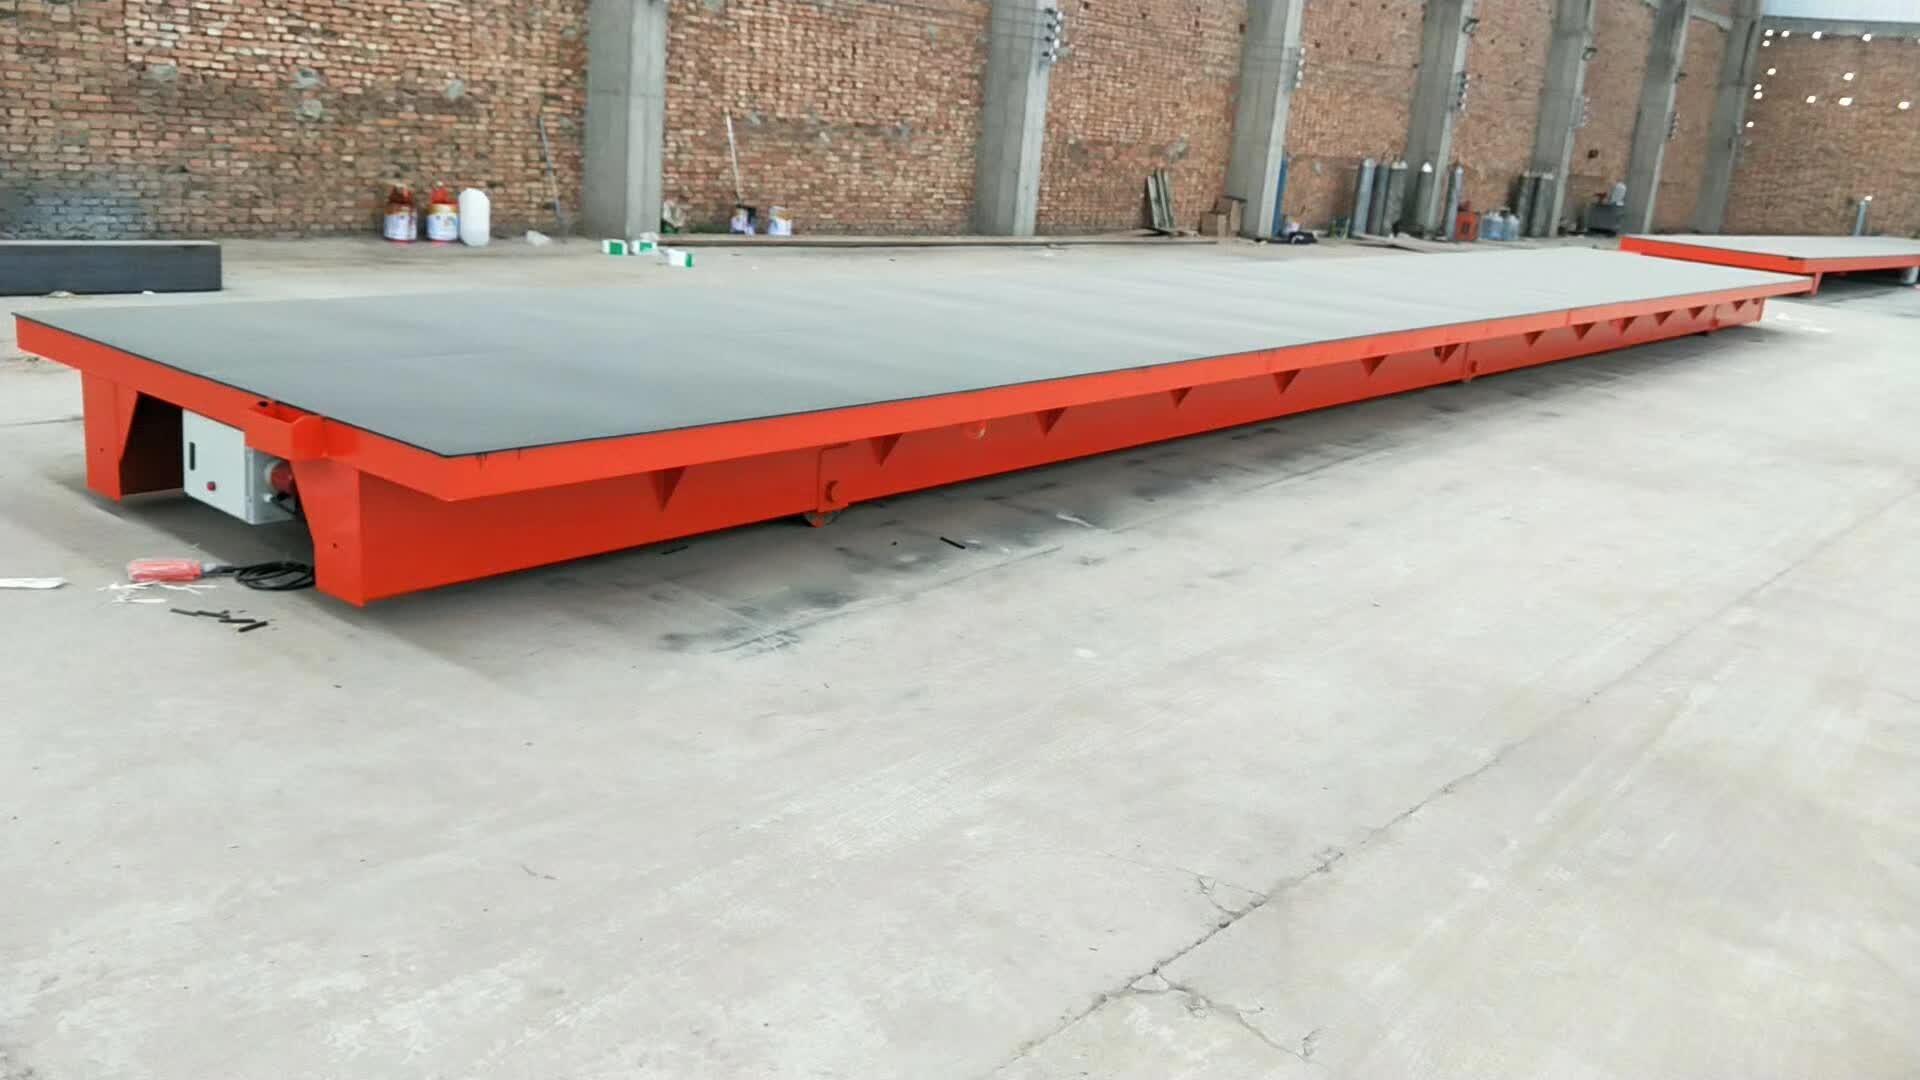 大尺寸蓄电池电动平车生产厂家—西安天成重工